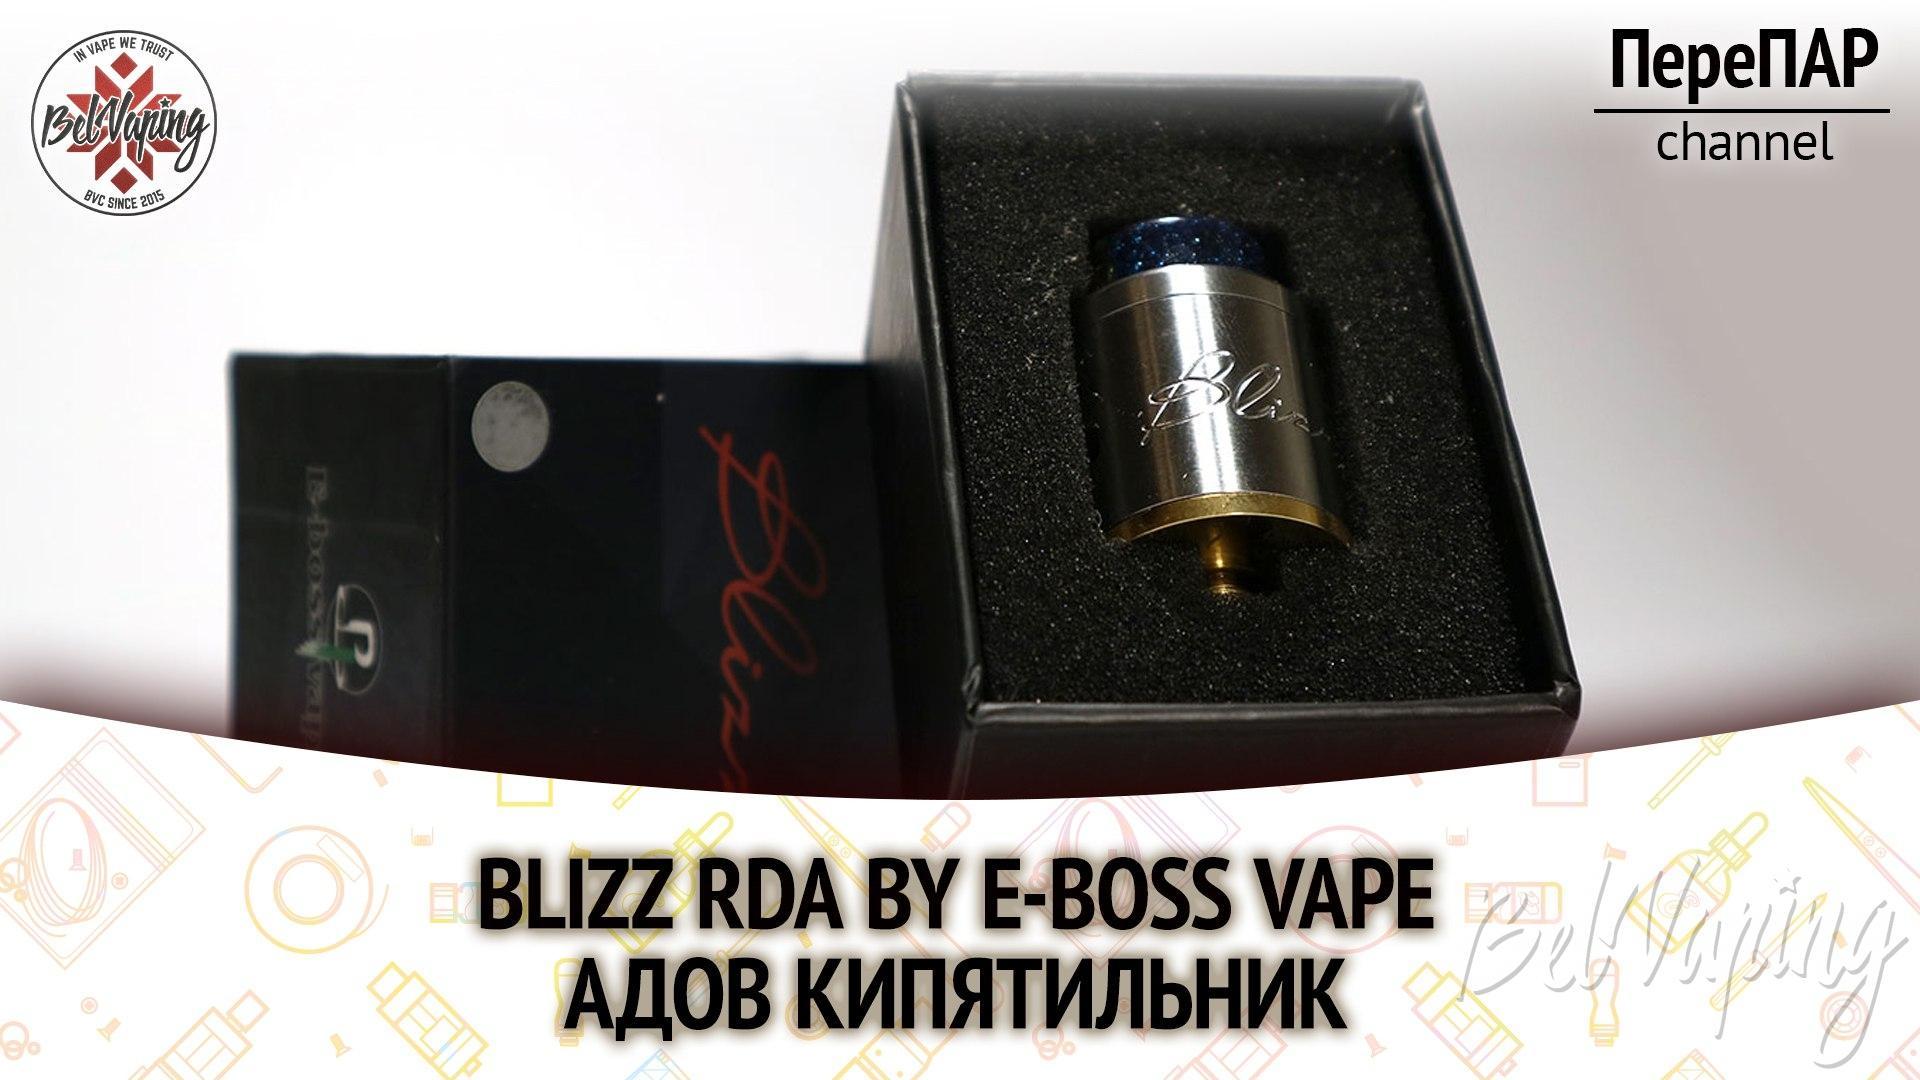 Обзор Blizz RDA от E-Boss Vape